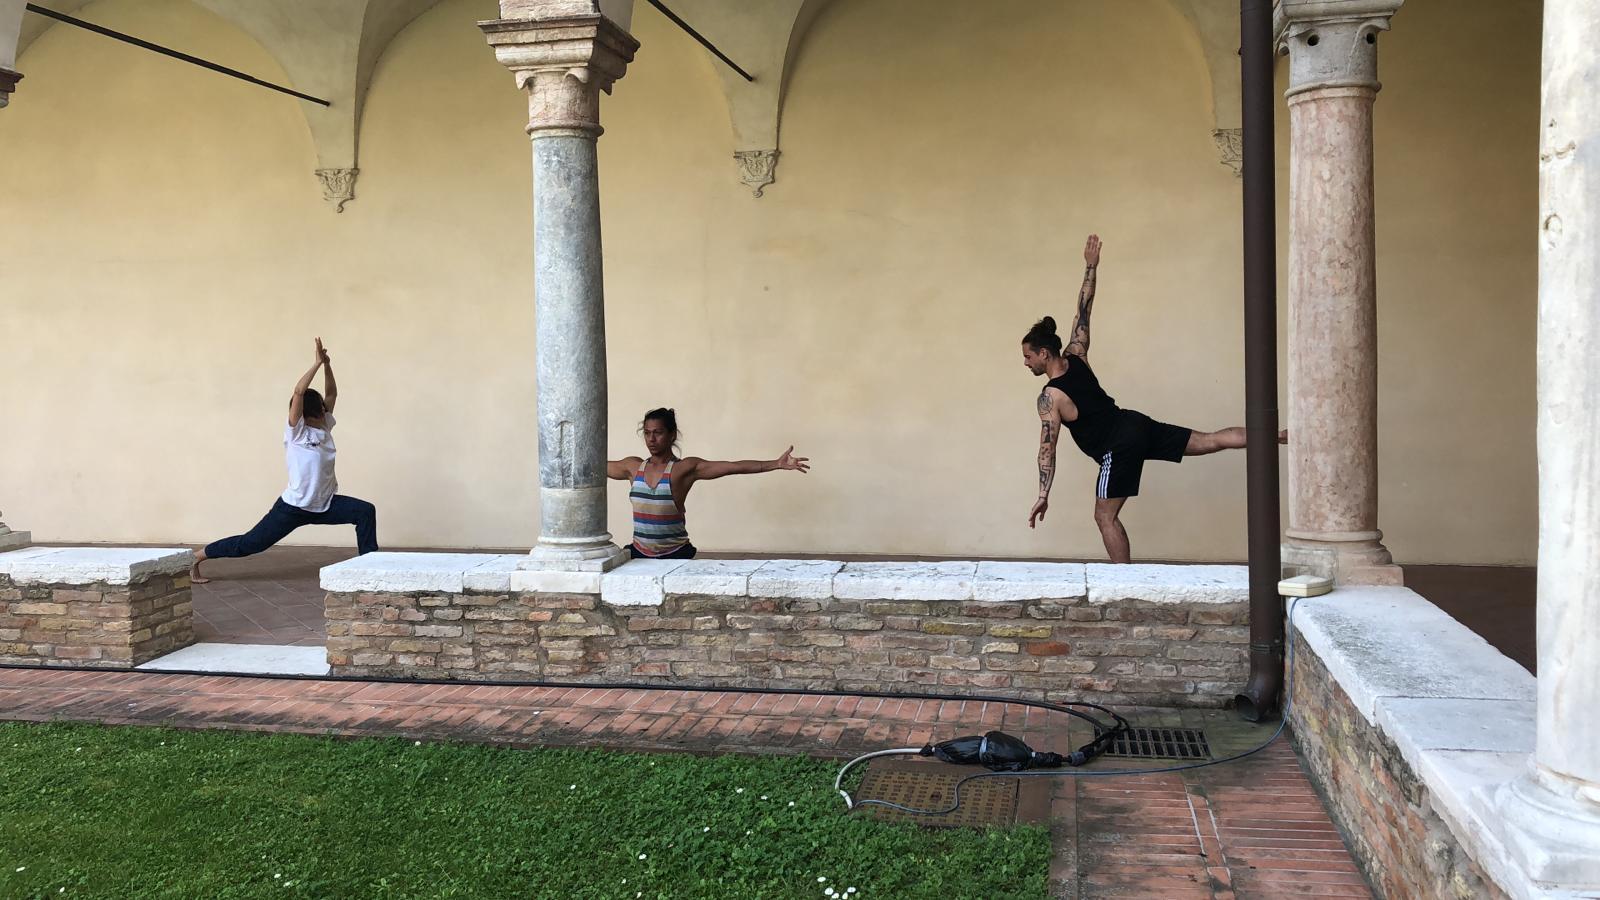 https://www.danzaurbana.eu/associazione/wp-content/uploads/2019/05/Sedimenti_4.jpg